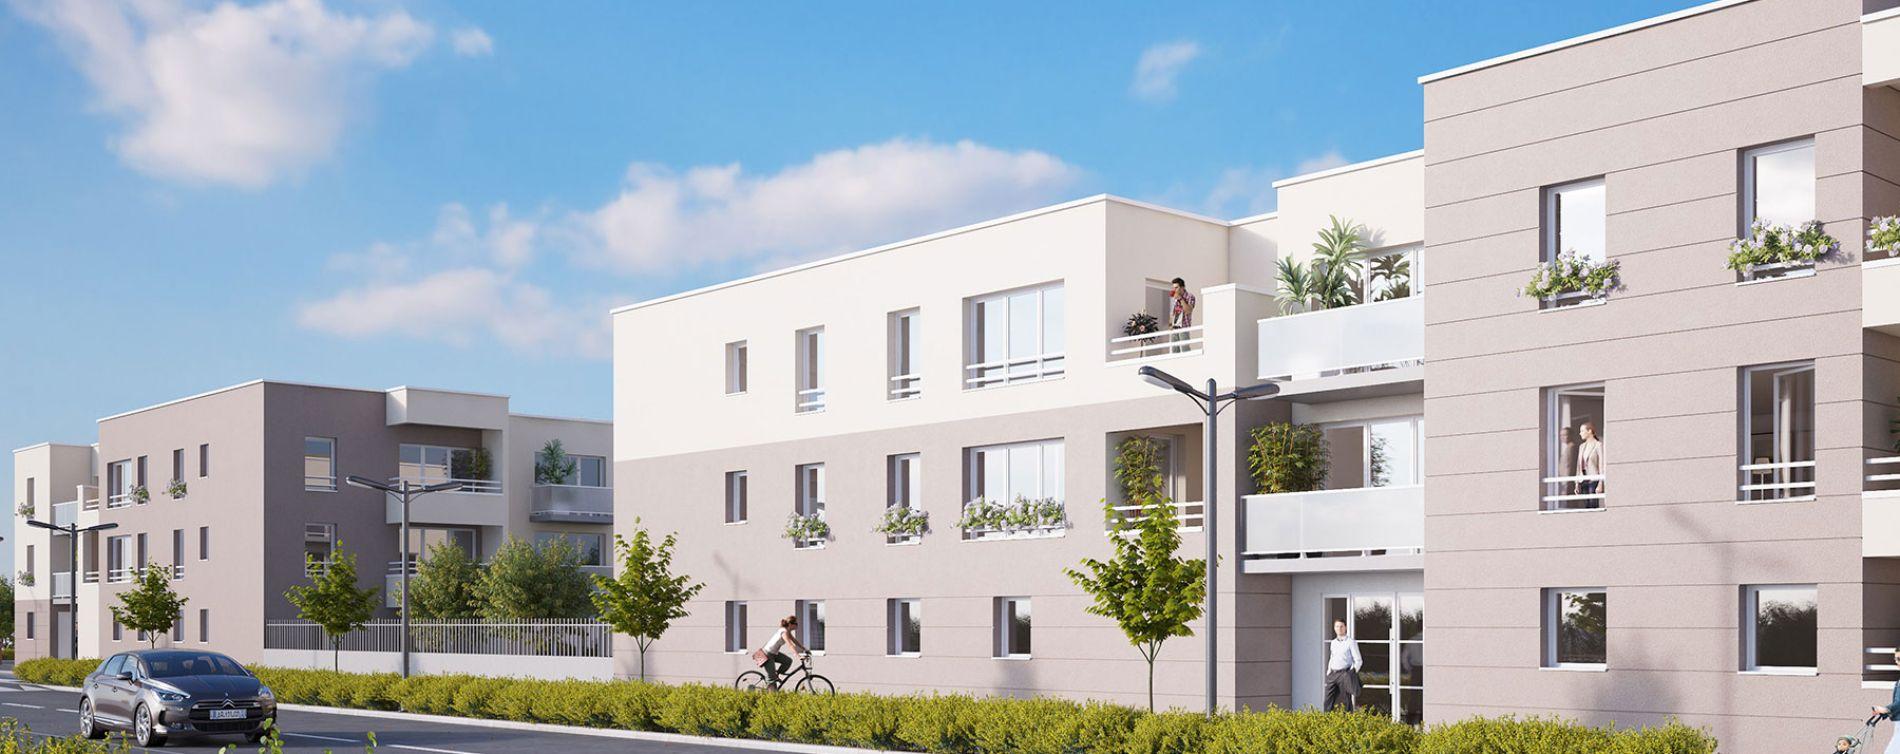 Canteleu : programme immobilier neuve « Belamii »